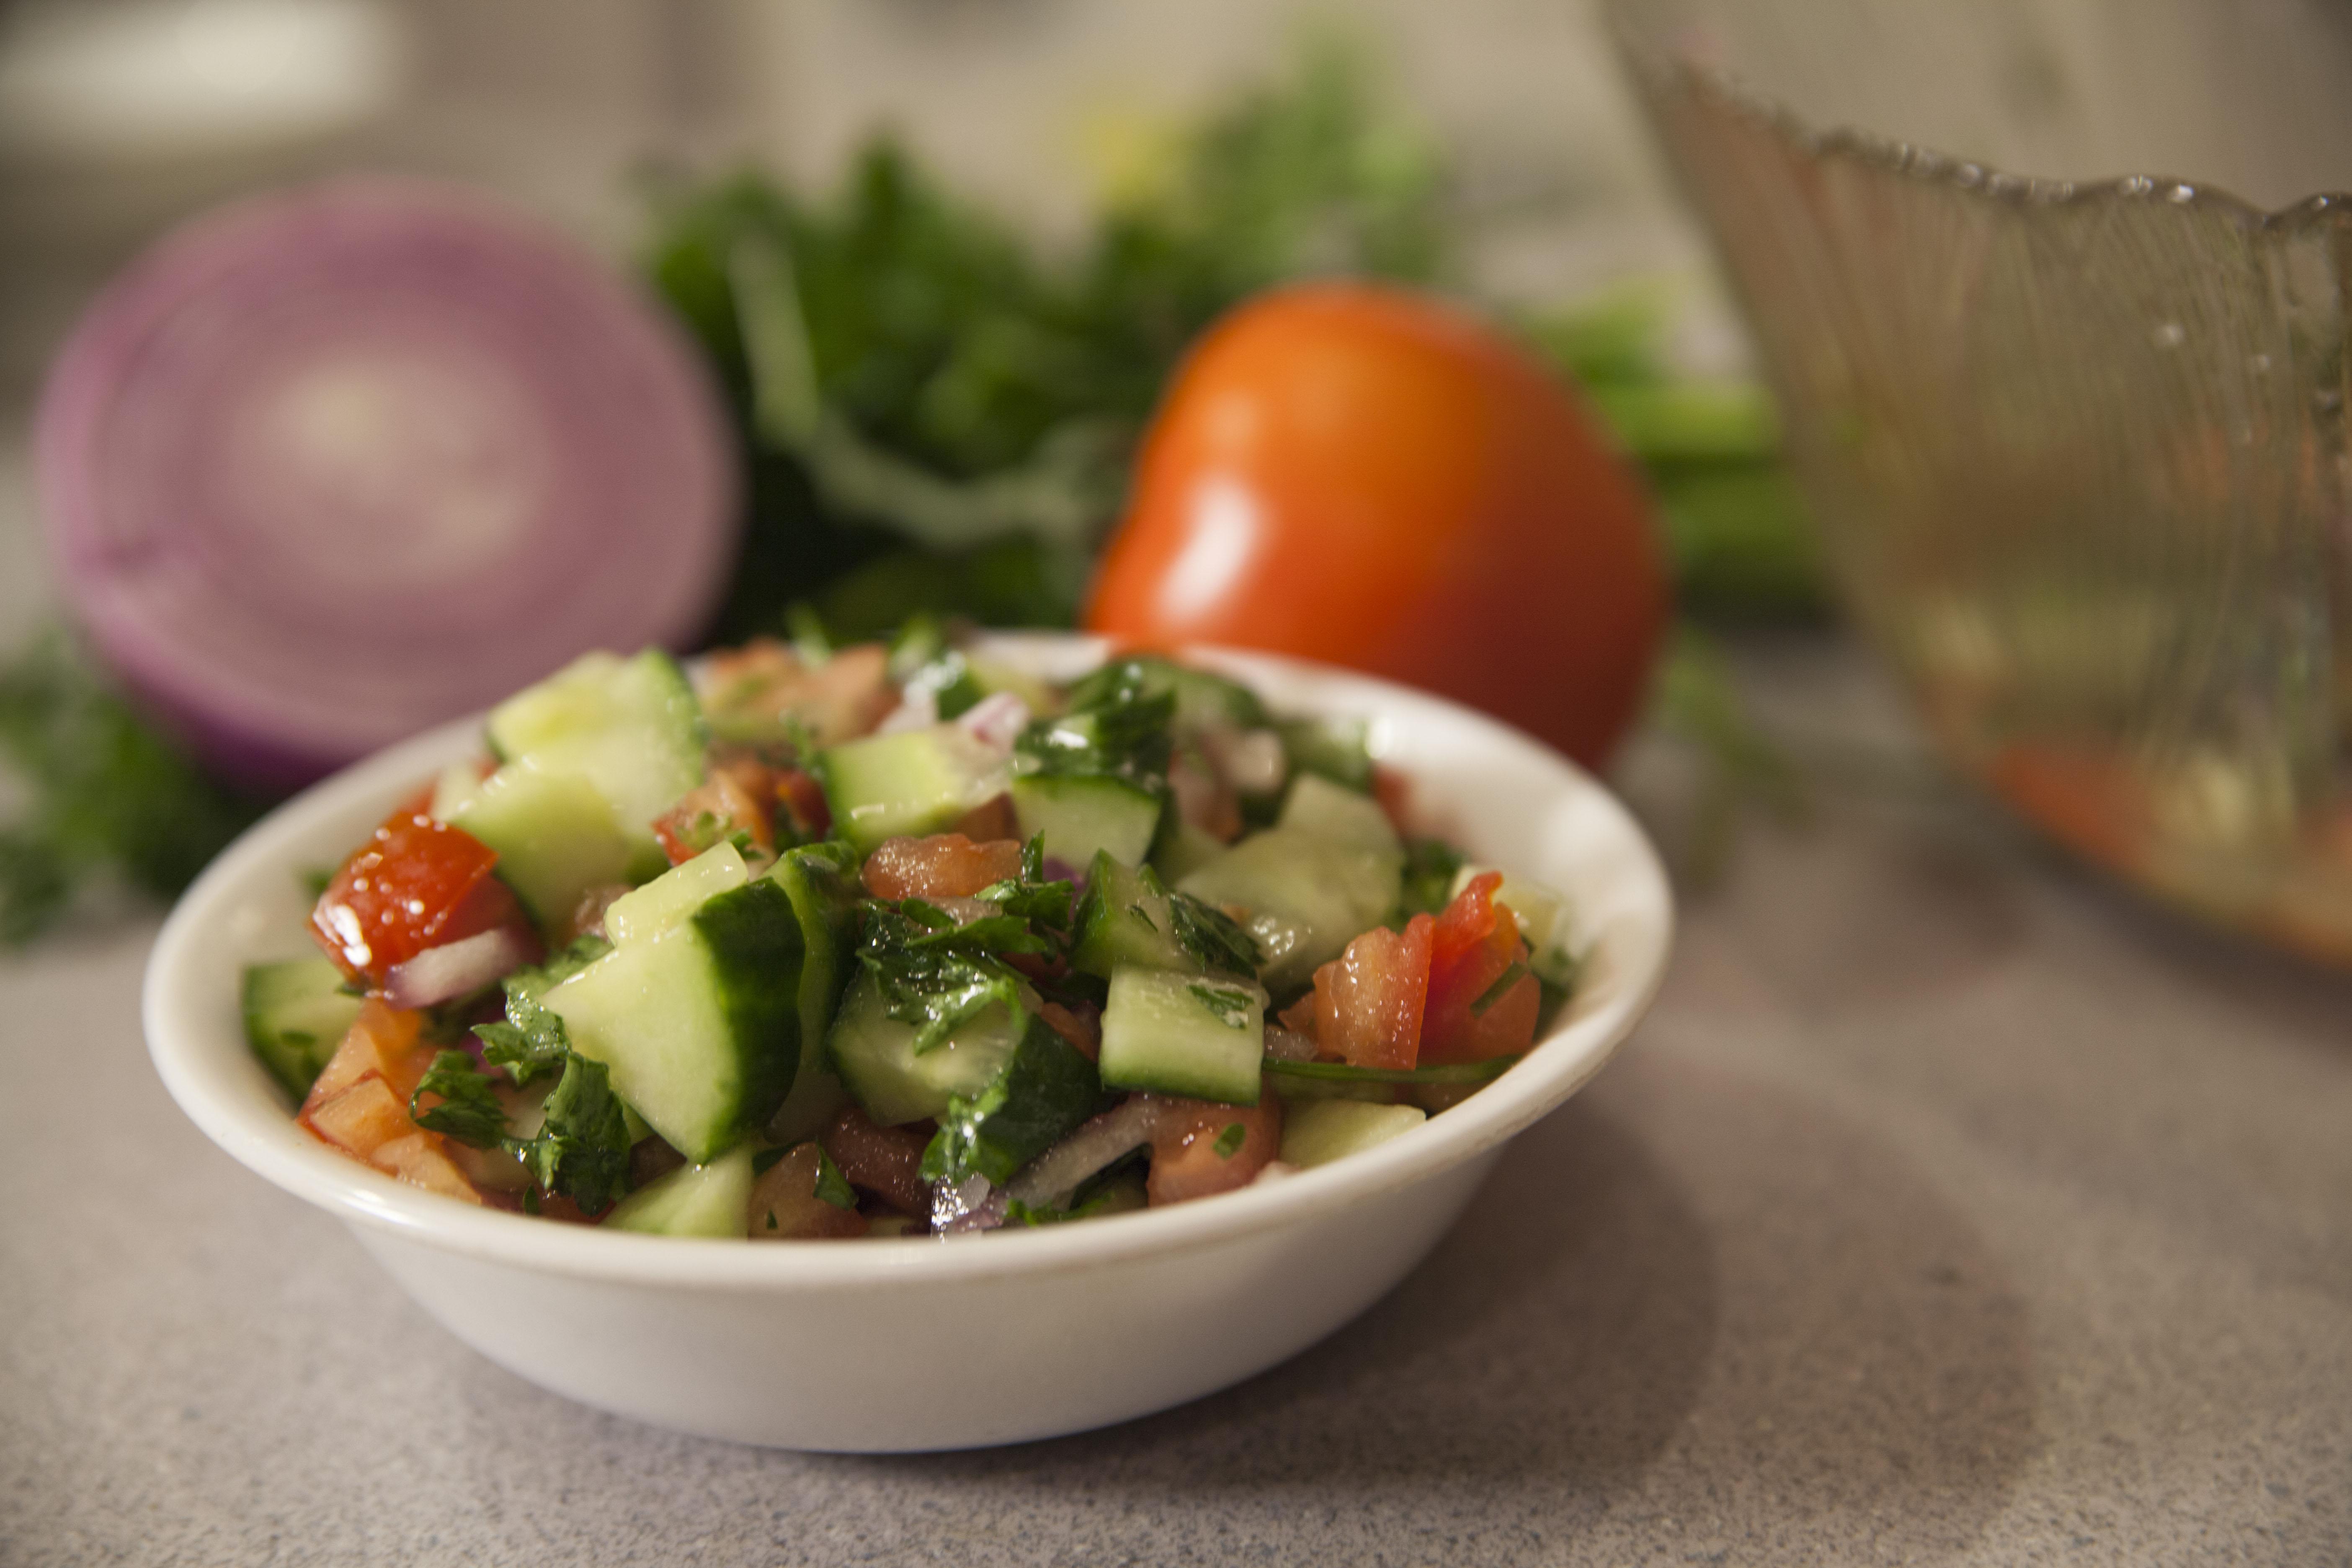 How to Make Traditional Israeli Salad